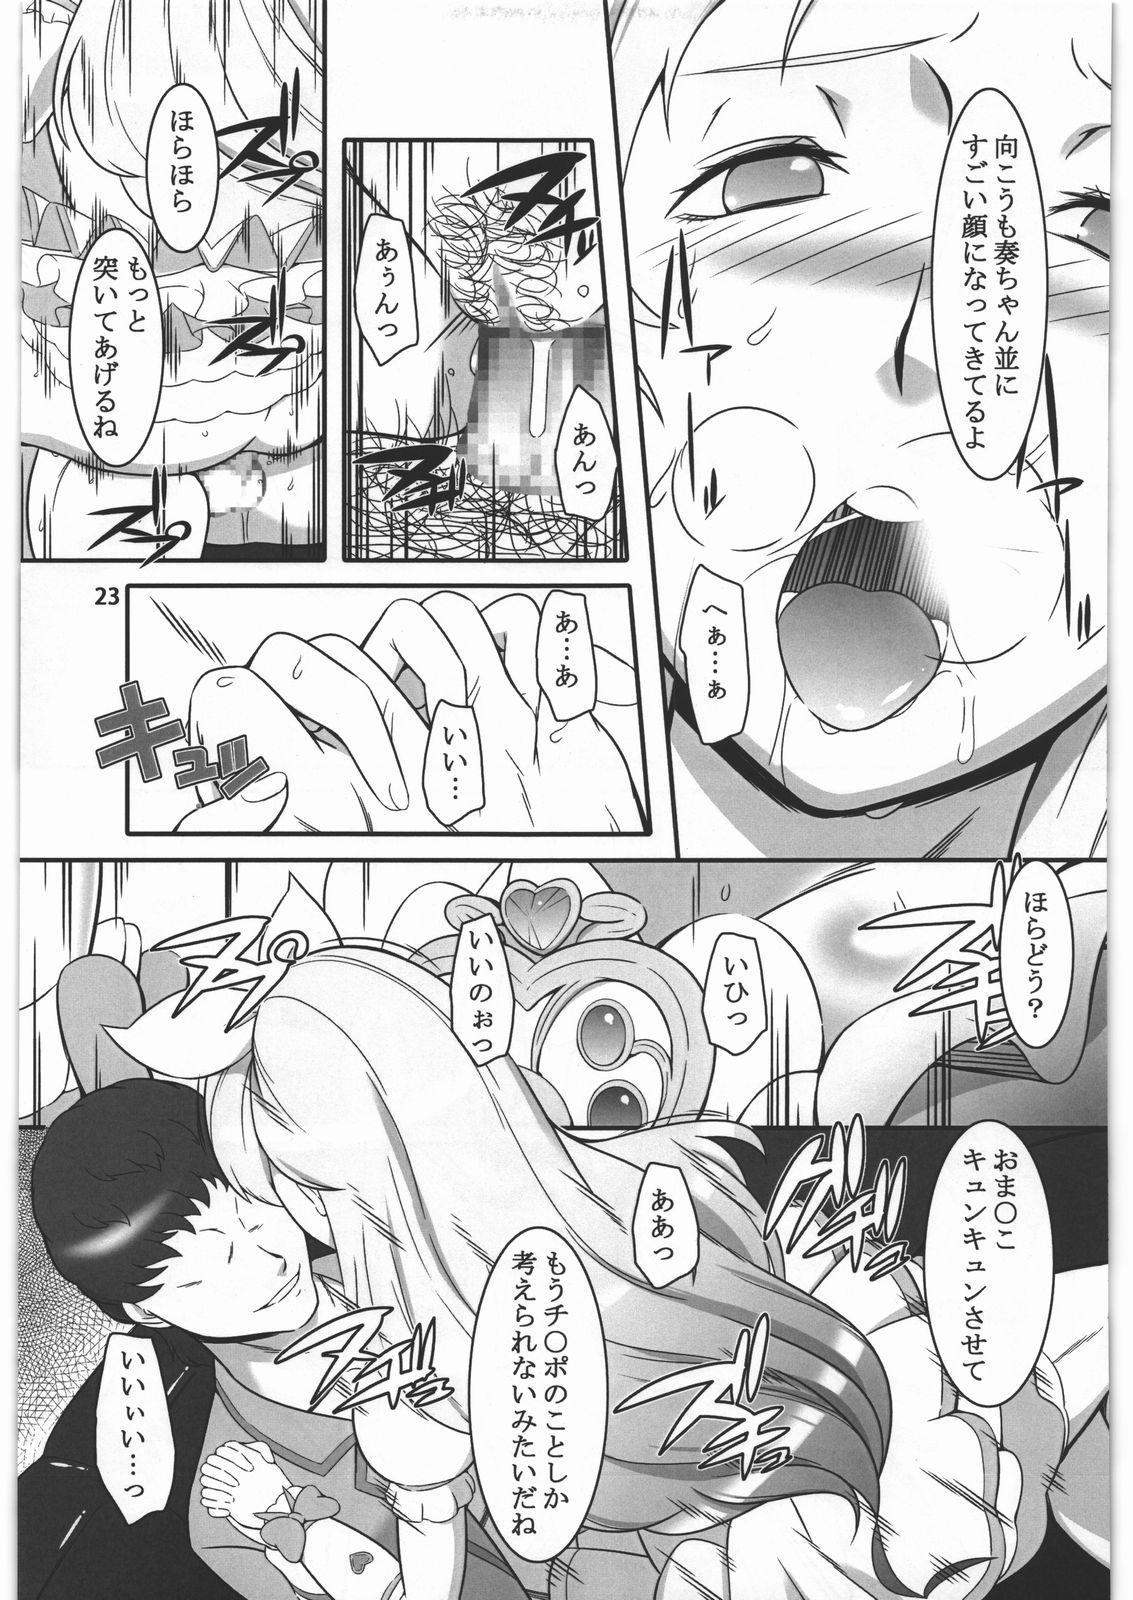 Shichinenme no Uwaki 21